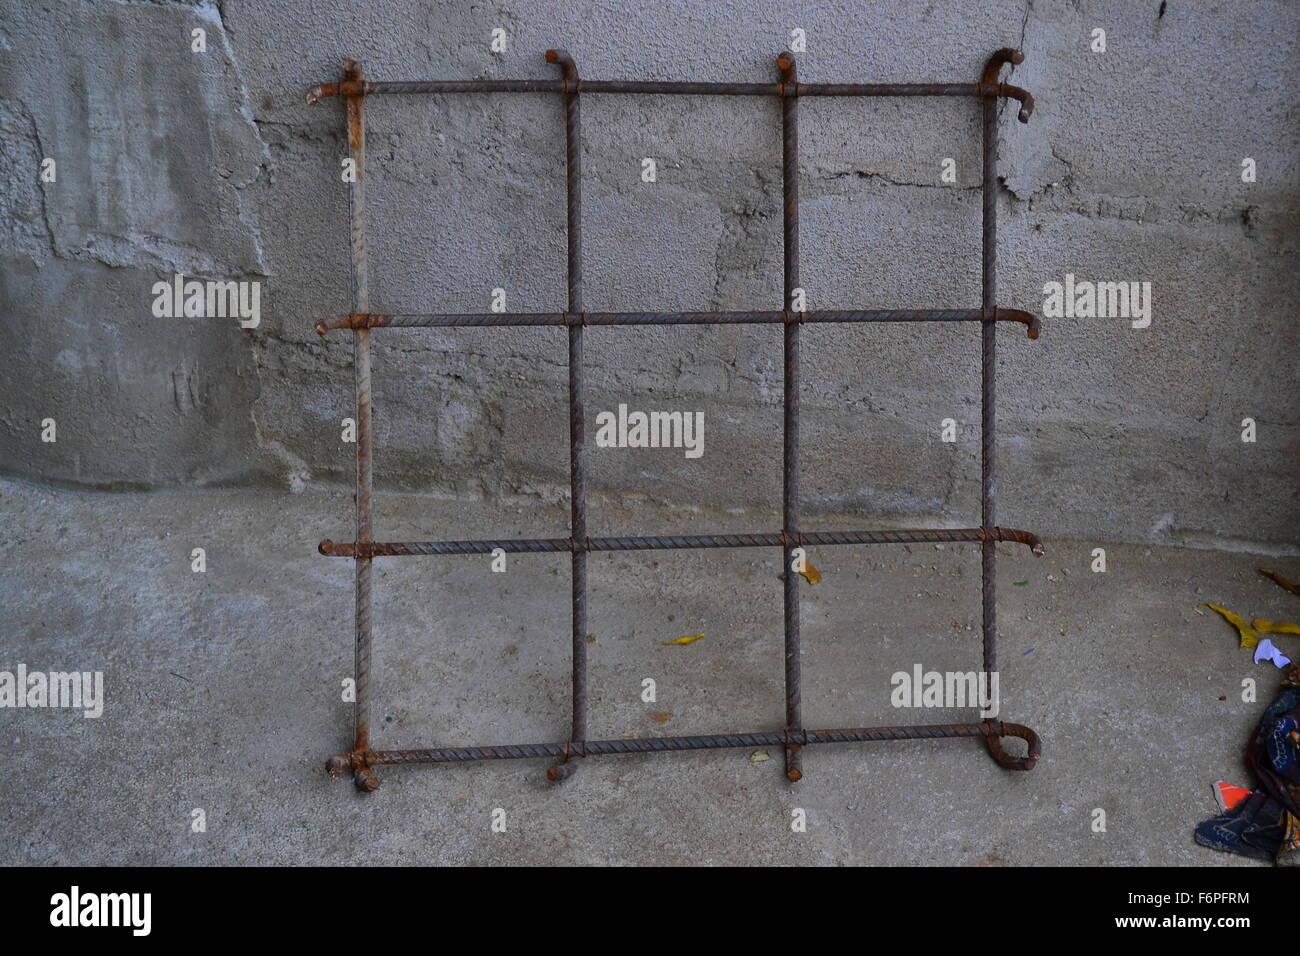 Eiserne Gitter verwendet für Platte und Beton Balken Stockfoto, Bild ...